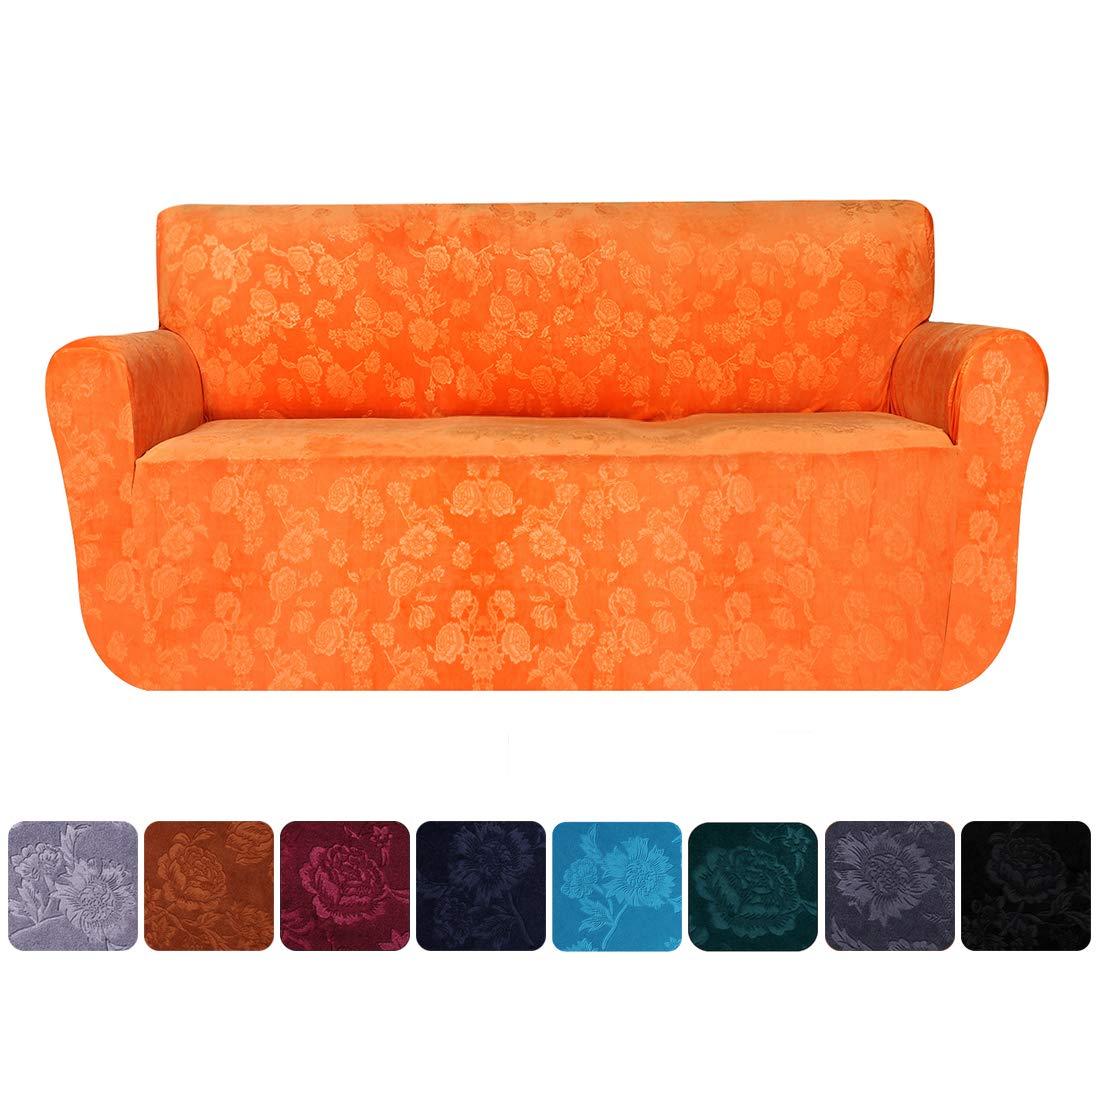 Amazon.com: smiry Funda de sofá de terciopelo elástico ...